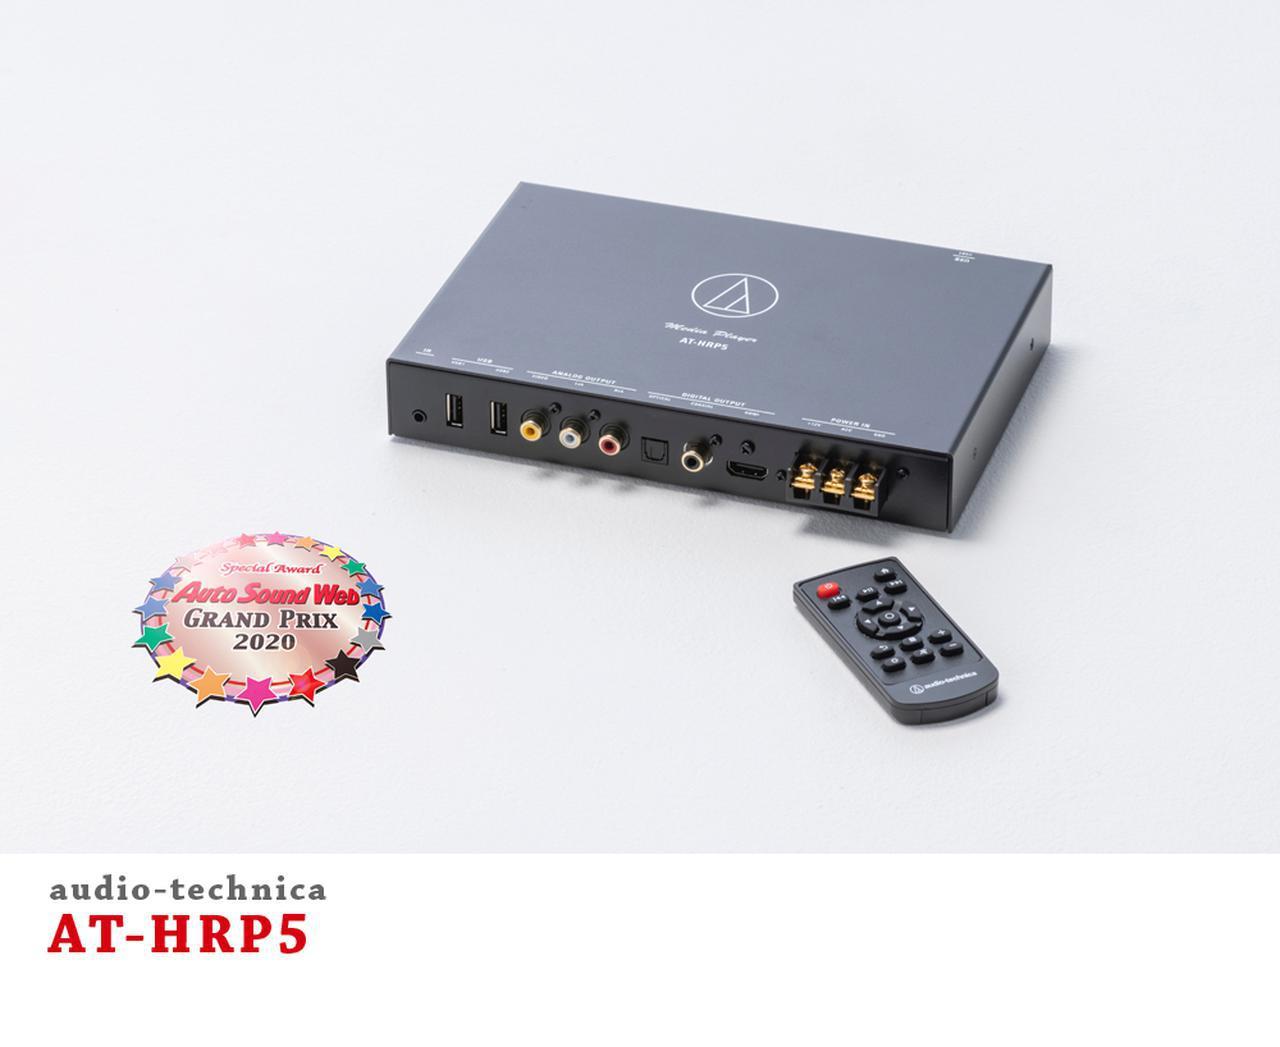 画像: Auto Sound Web Grand Prix 2020:オーディオテクニカAT-HRP5がSpecial Awardを獲得した理由 - Stereo Sound ONLINE